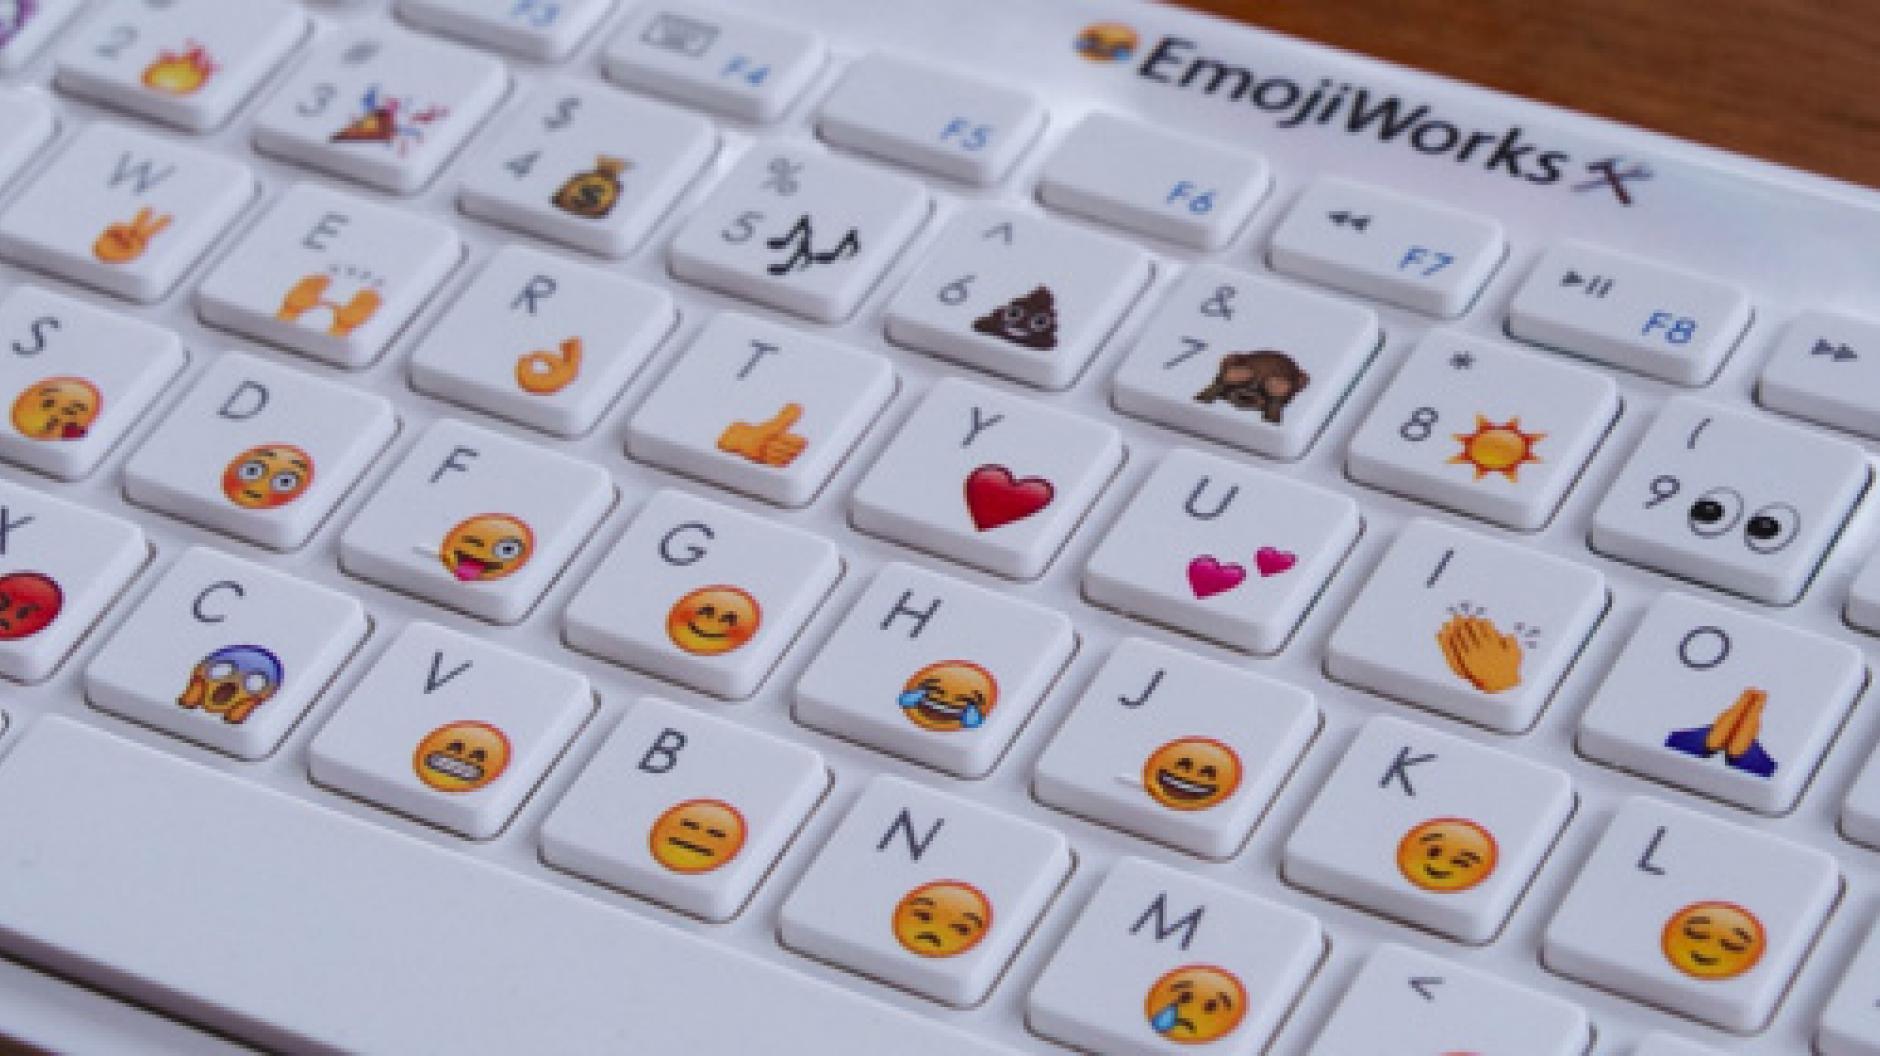 емотиконите Емоционално за емотиконите А1 Блог